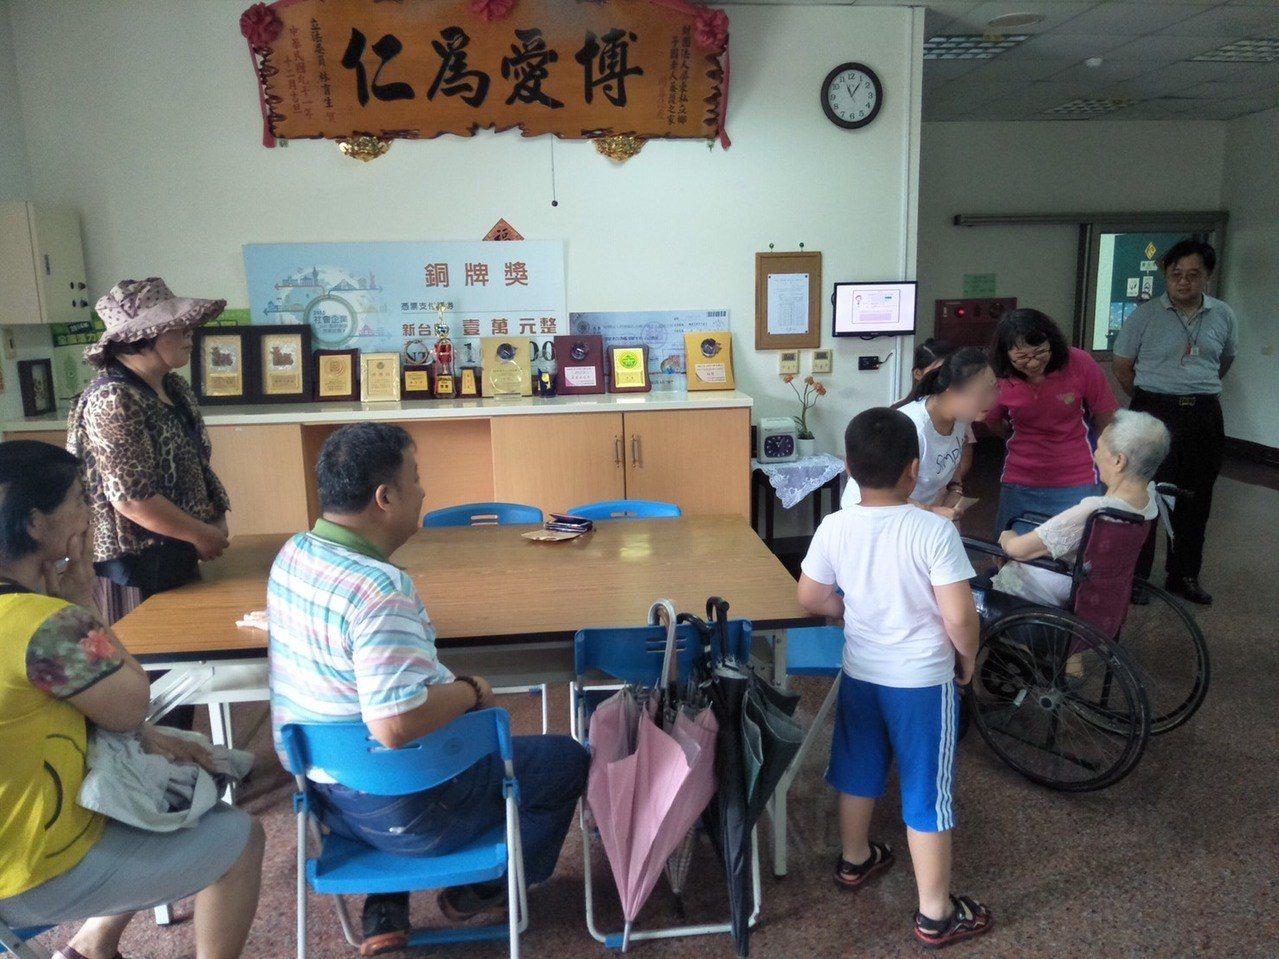 楊姓婦人24年前走失,楊的女兒看到媽媽十分激動。記者吳淑玲/翻攝